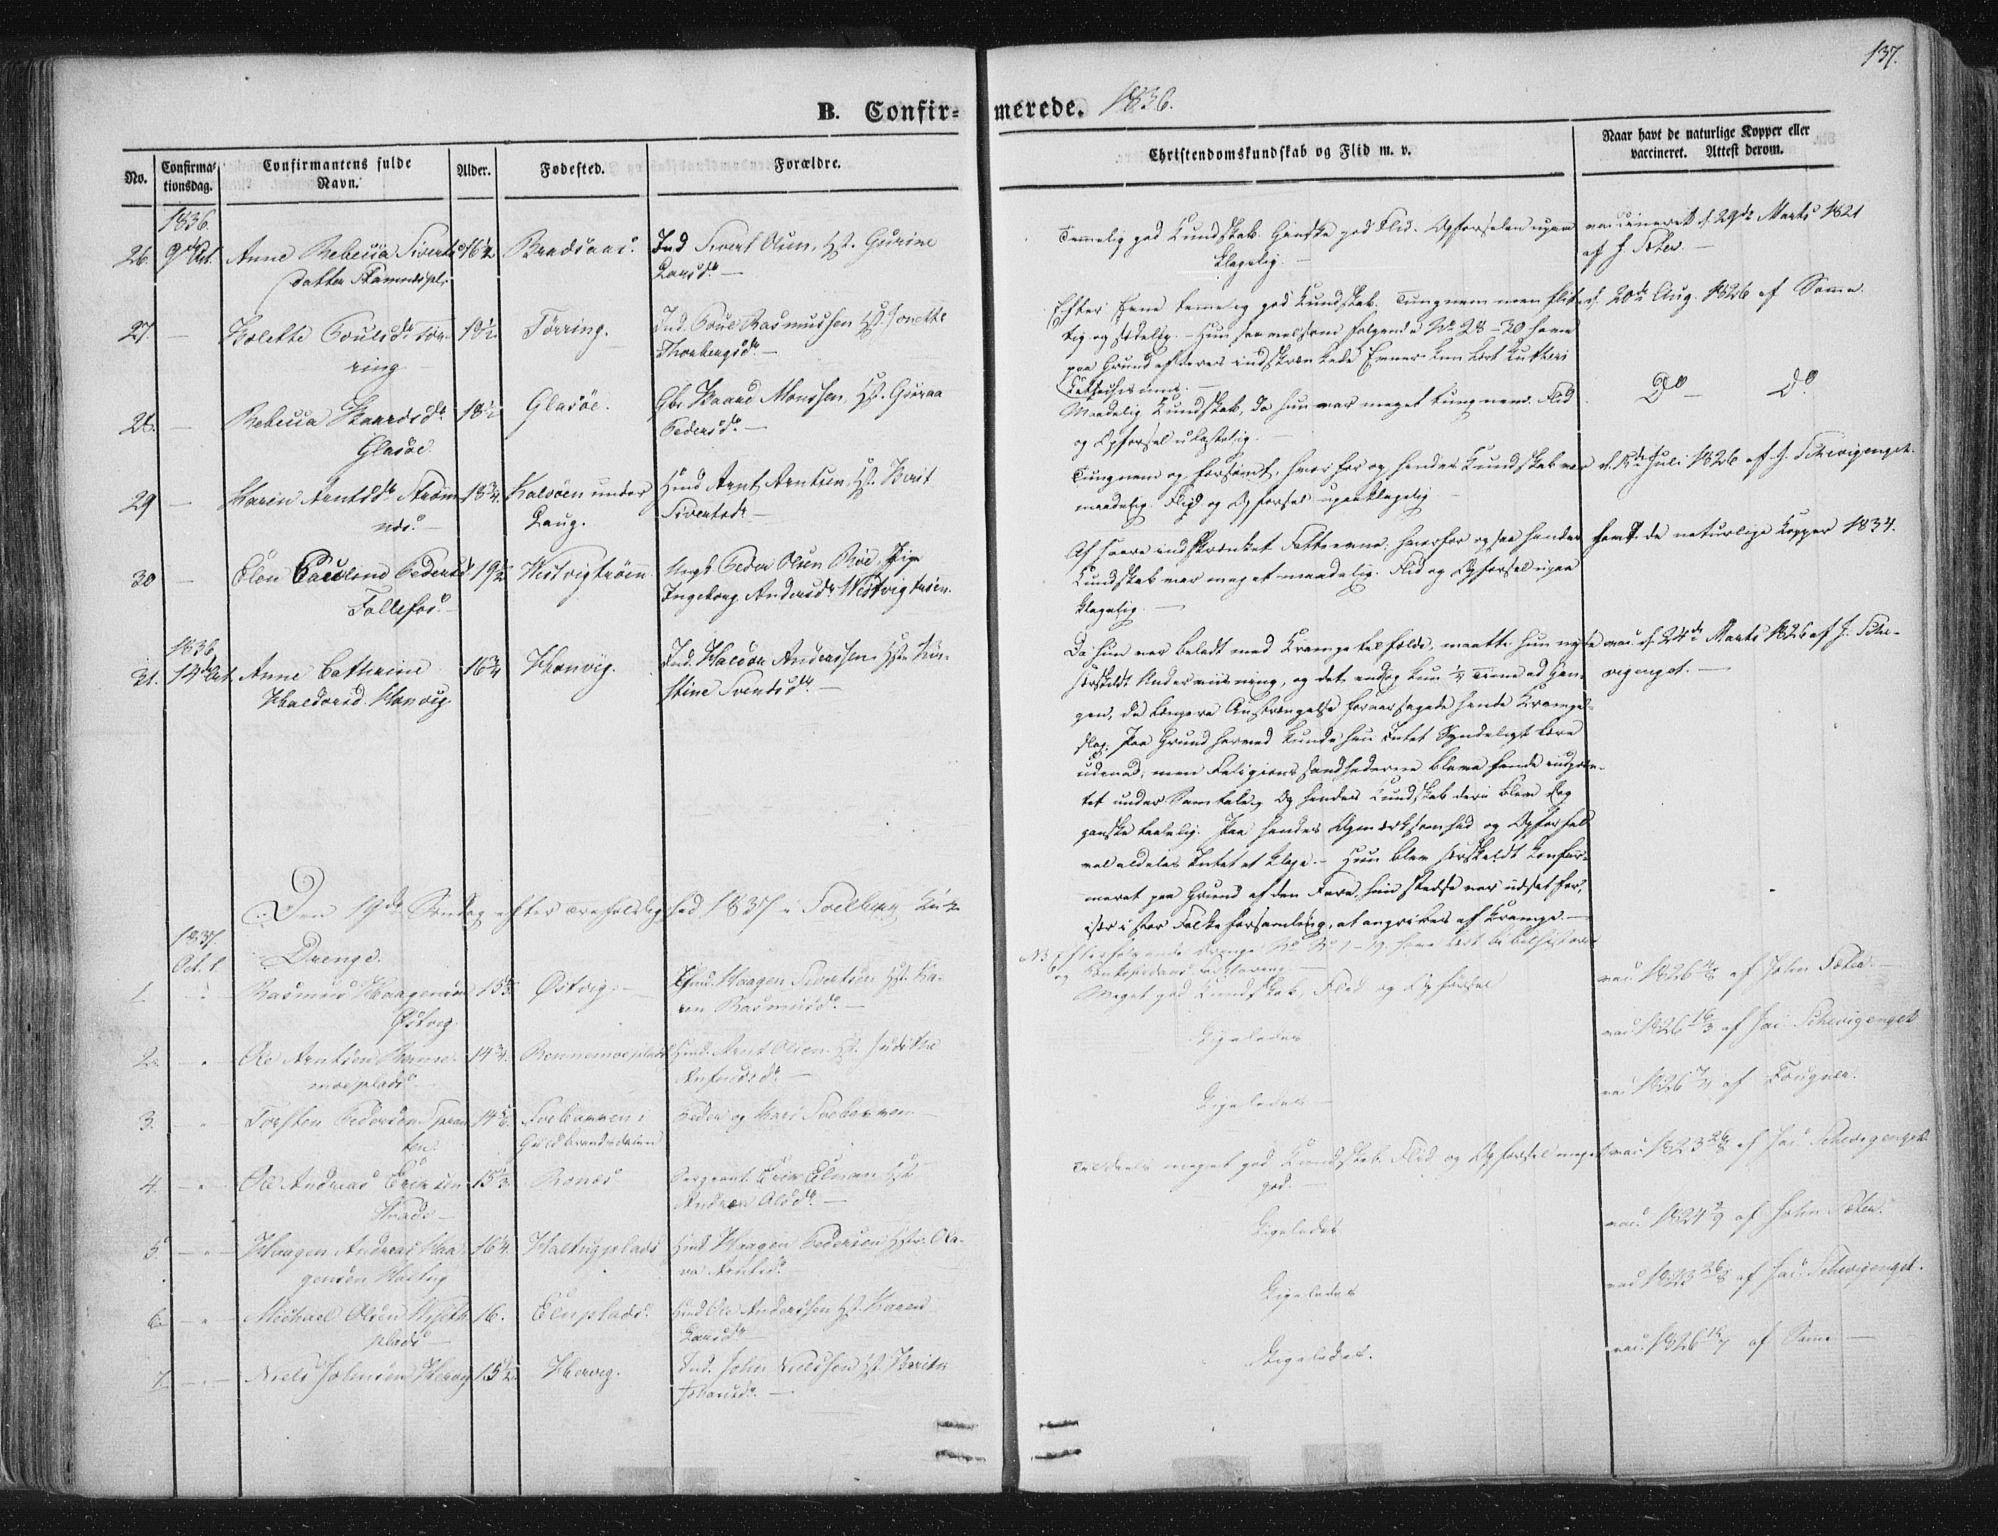 SAT, Ministerialprotokoller, klokkerbøker og fødselsregistre - Nord-Trøndelag, 741/L0392: Ministerialbok nr. 741A06, 1836-1848, s. 137